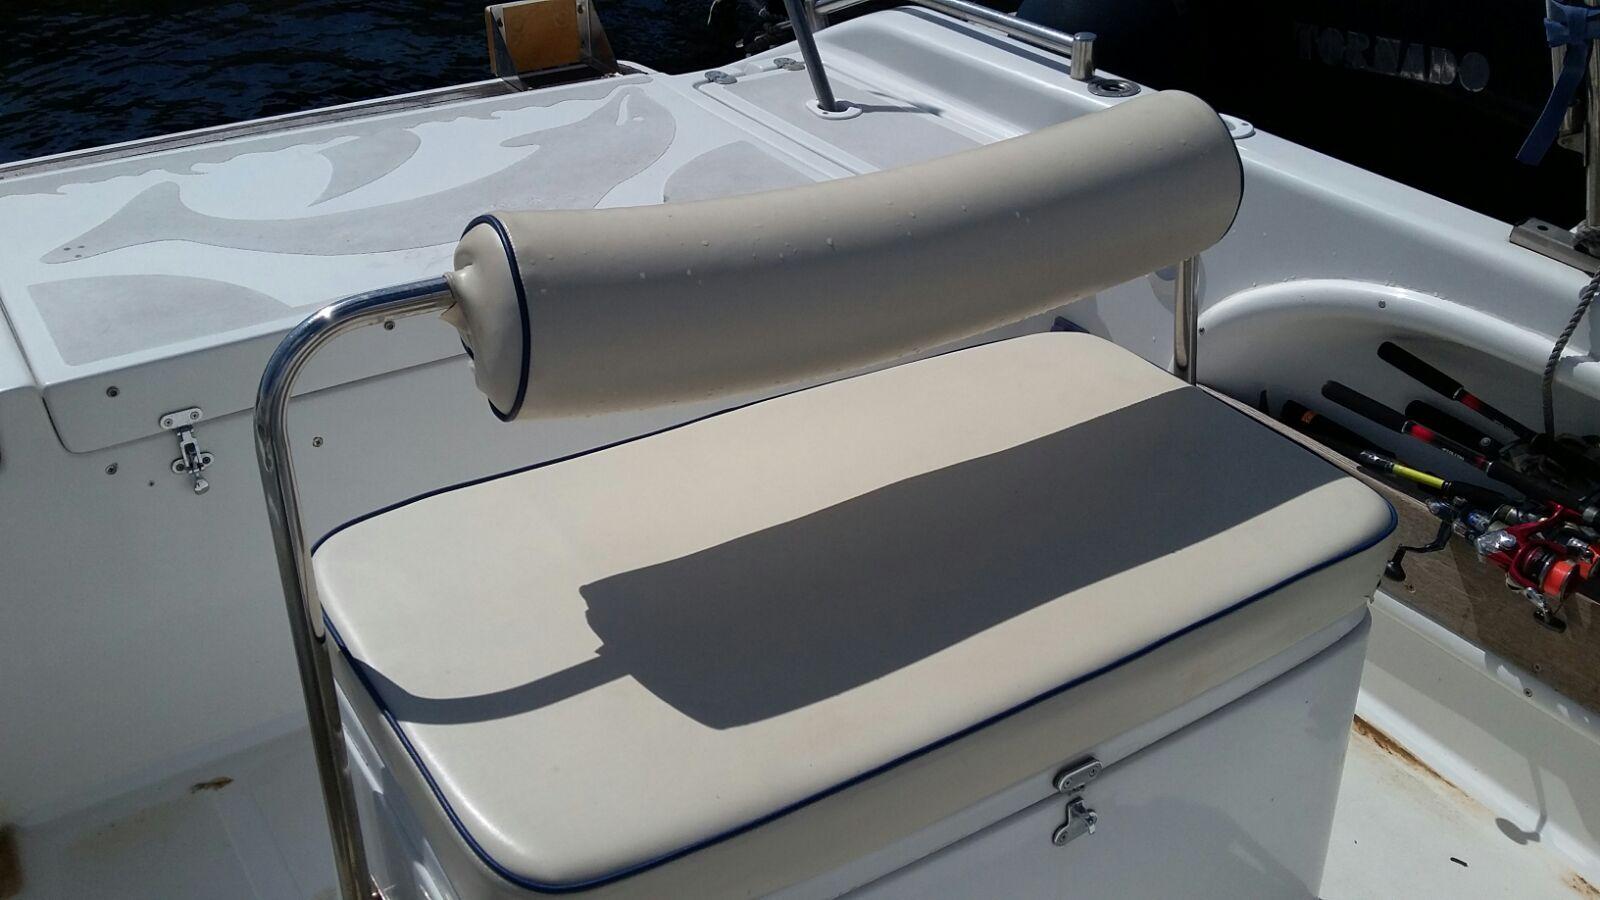 Monsellato master 730 usato 18000 00 open italia mare for 730 obbligatorio